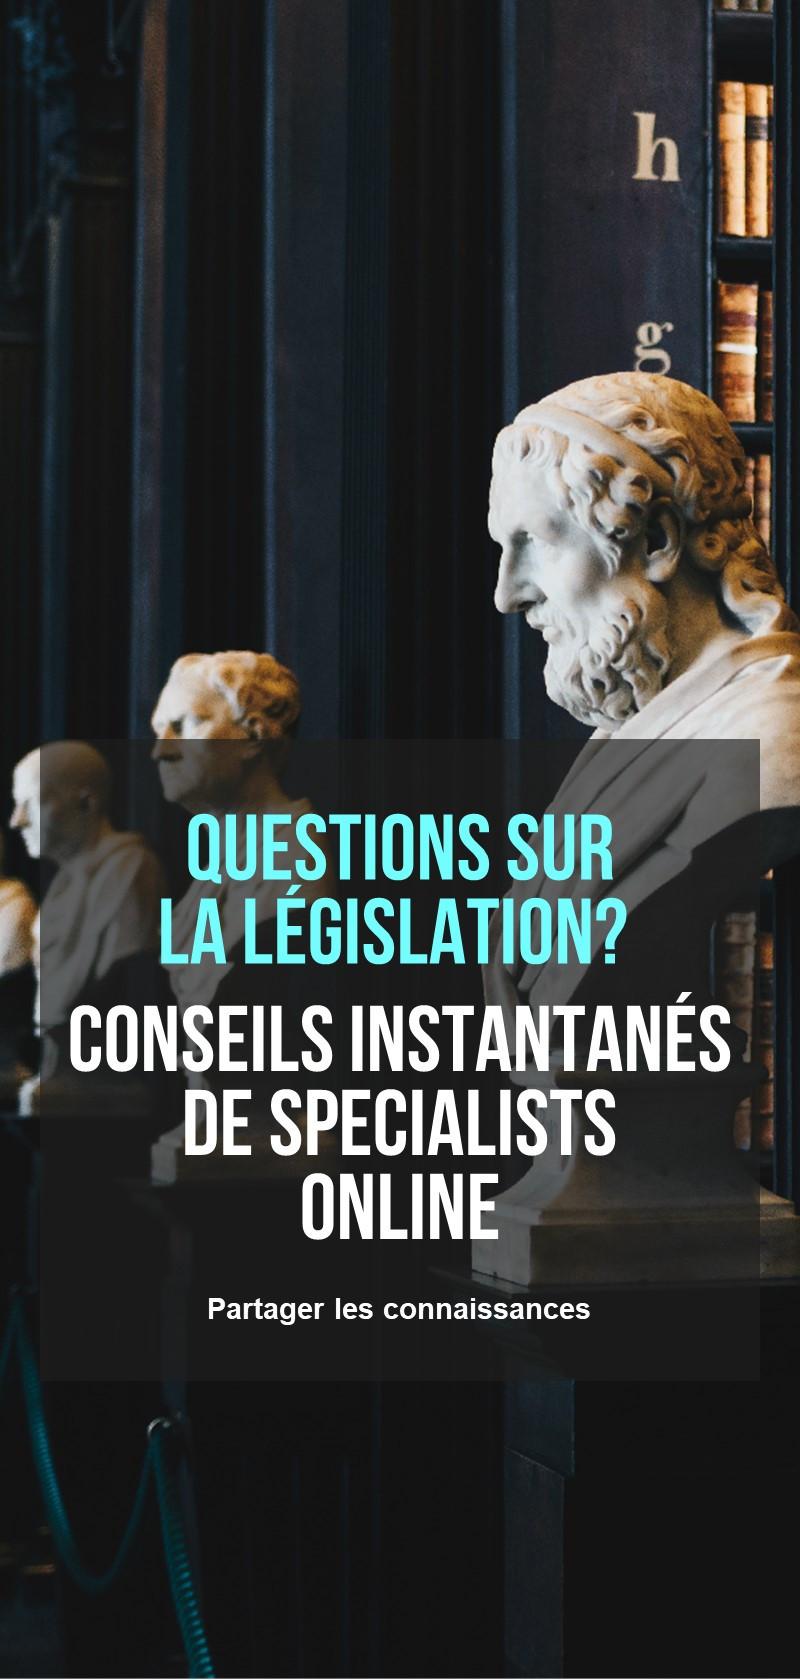 Conseillers juridiques en ligne